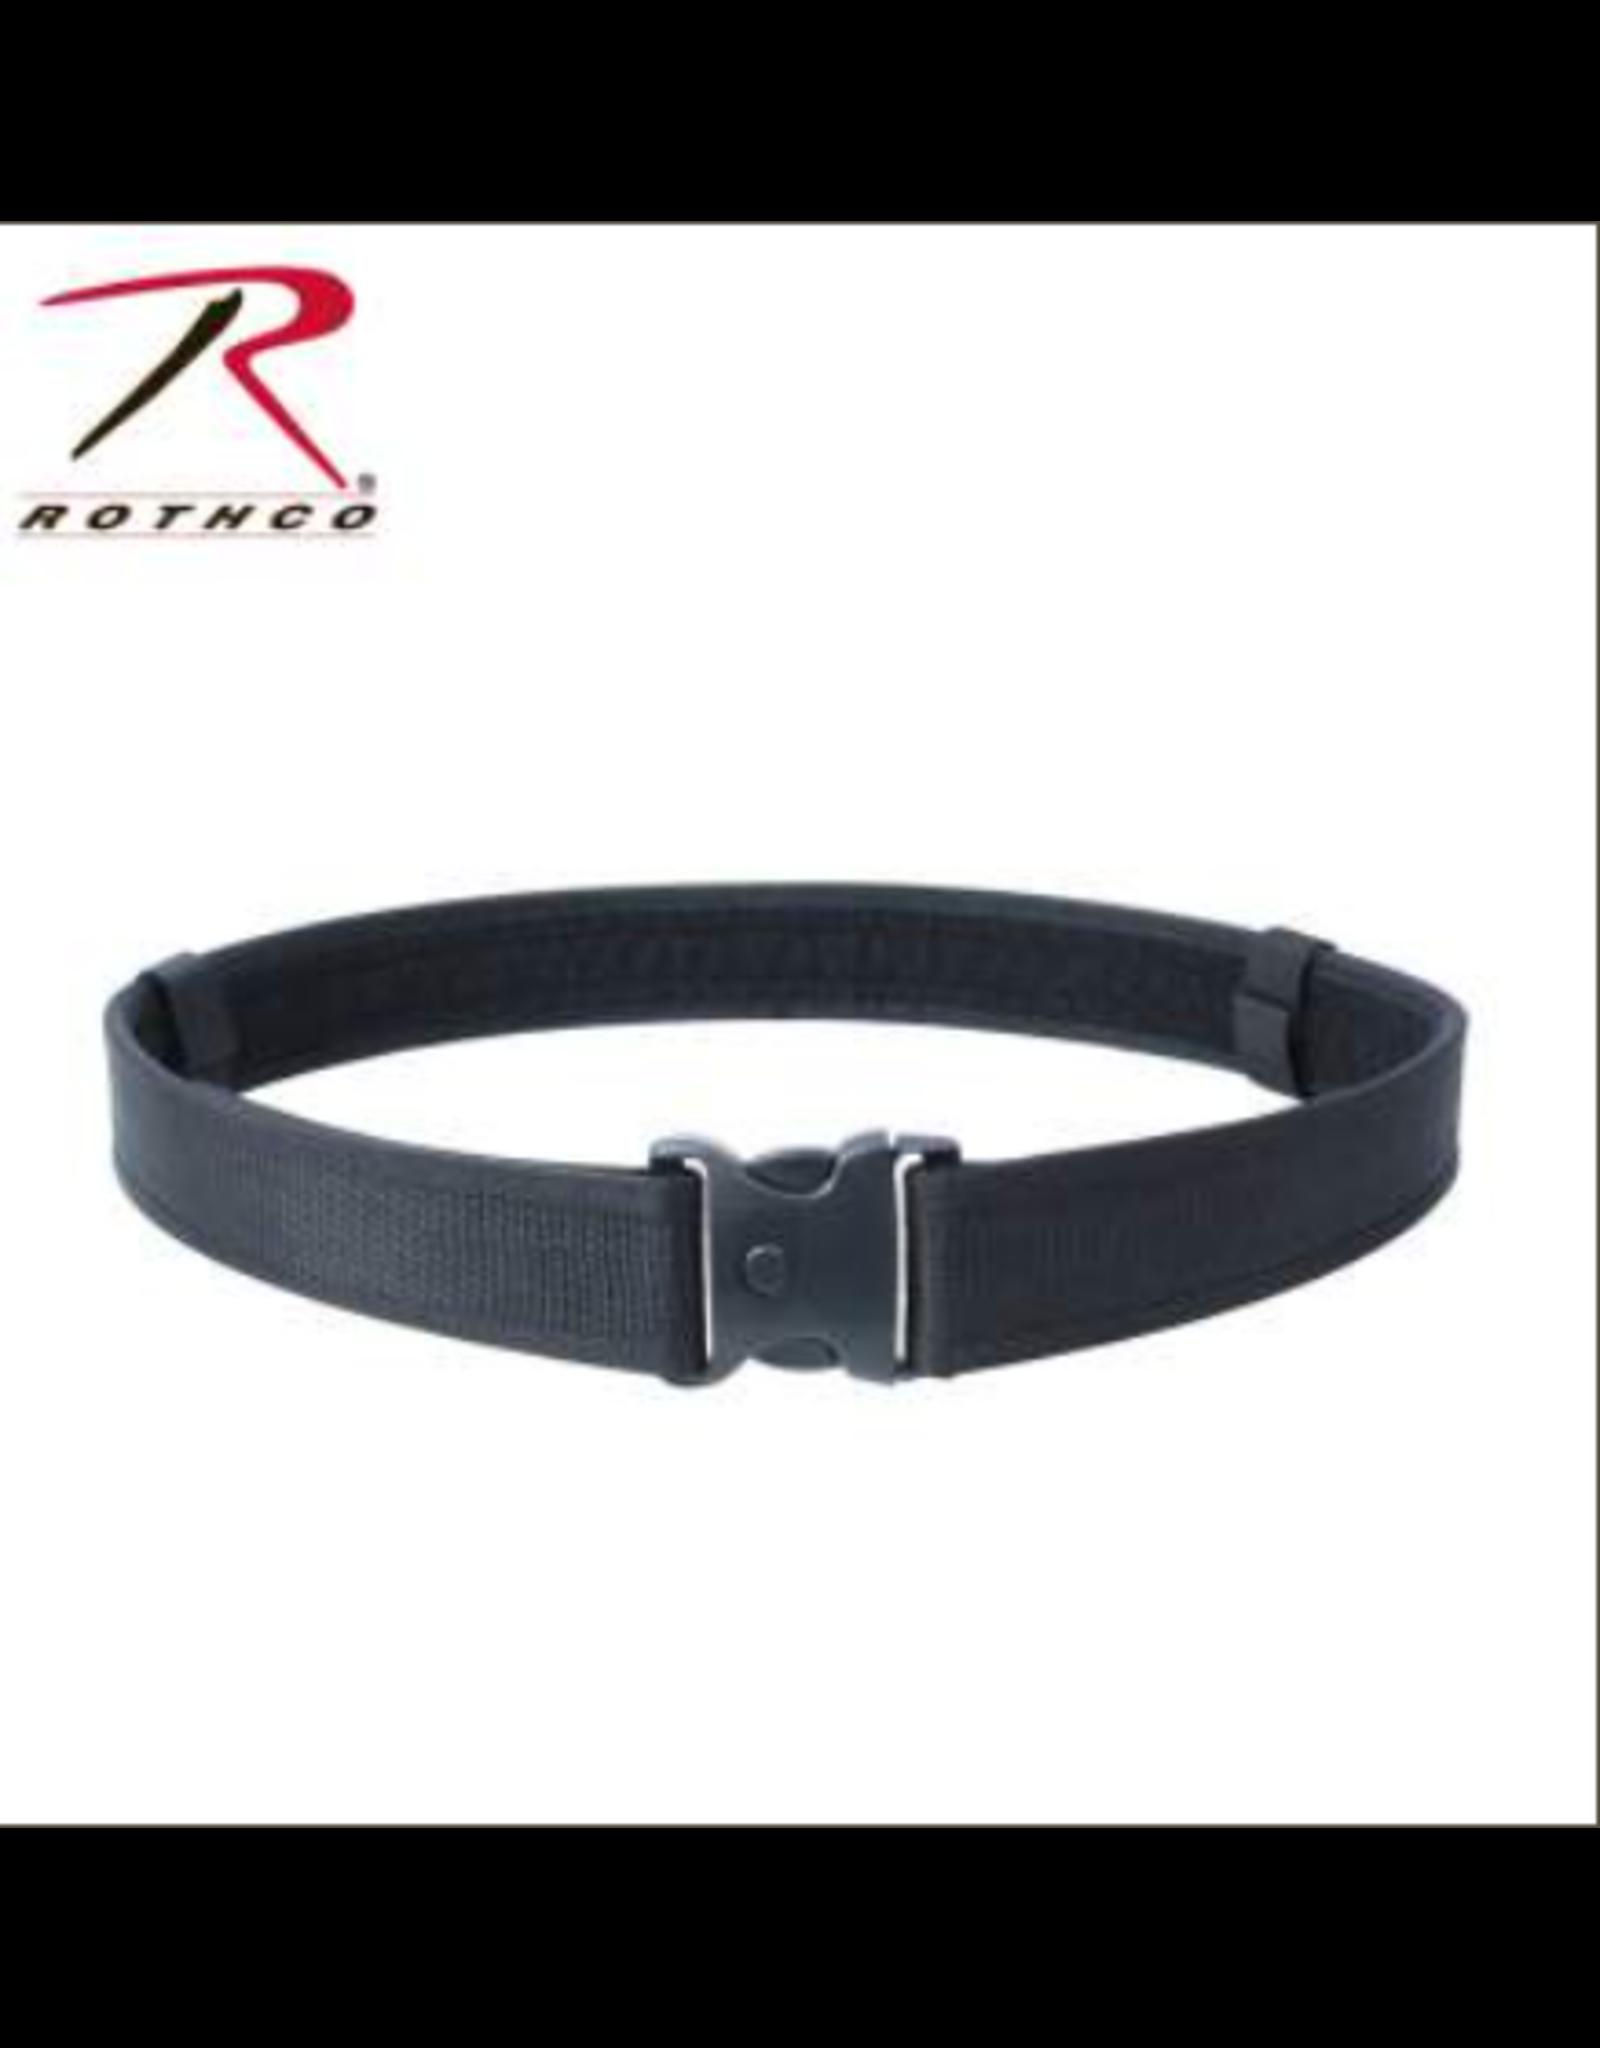 Rothco Deluxe Duty Belt w/Triple Retention Buckle